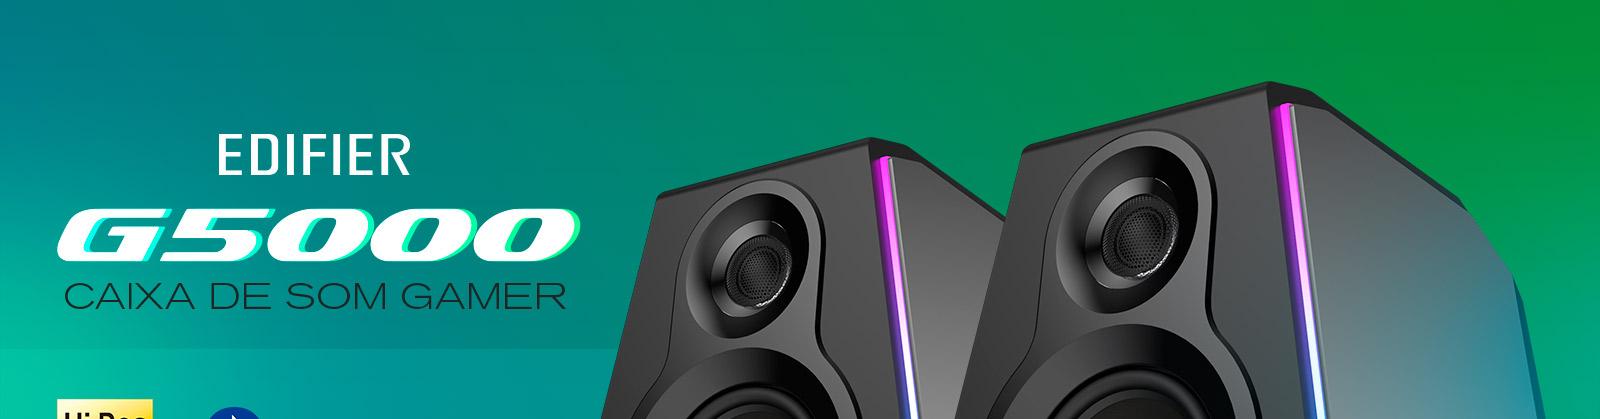 caixa de som para PC com alta resolução de áudio